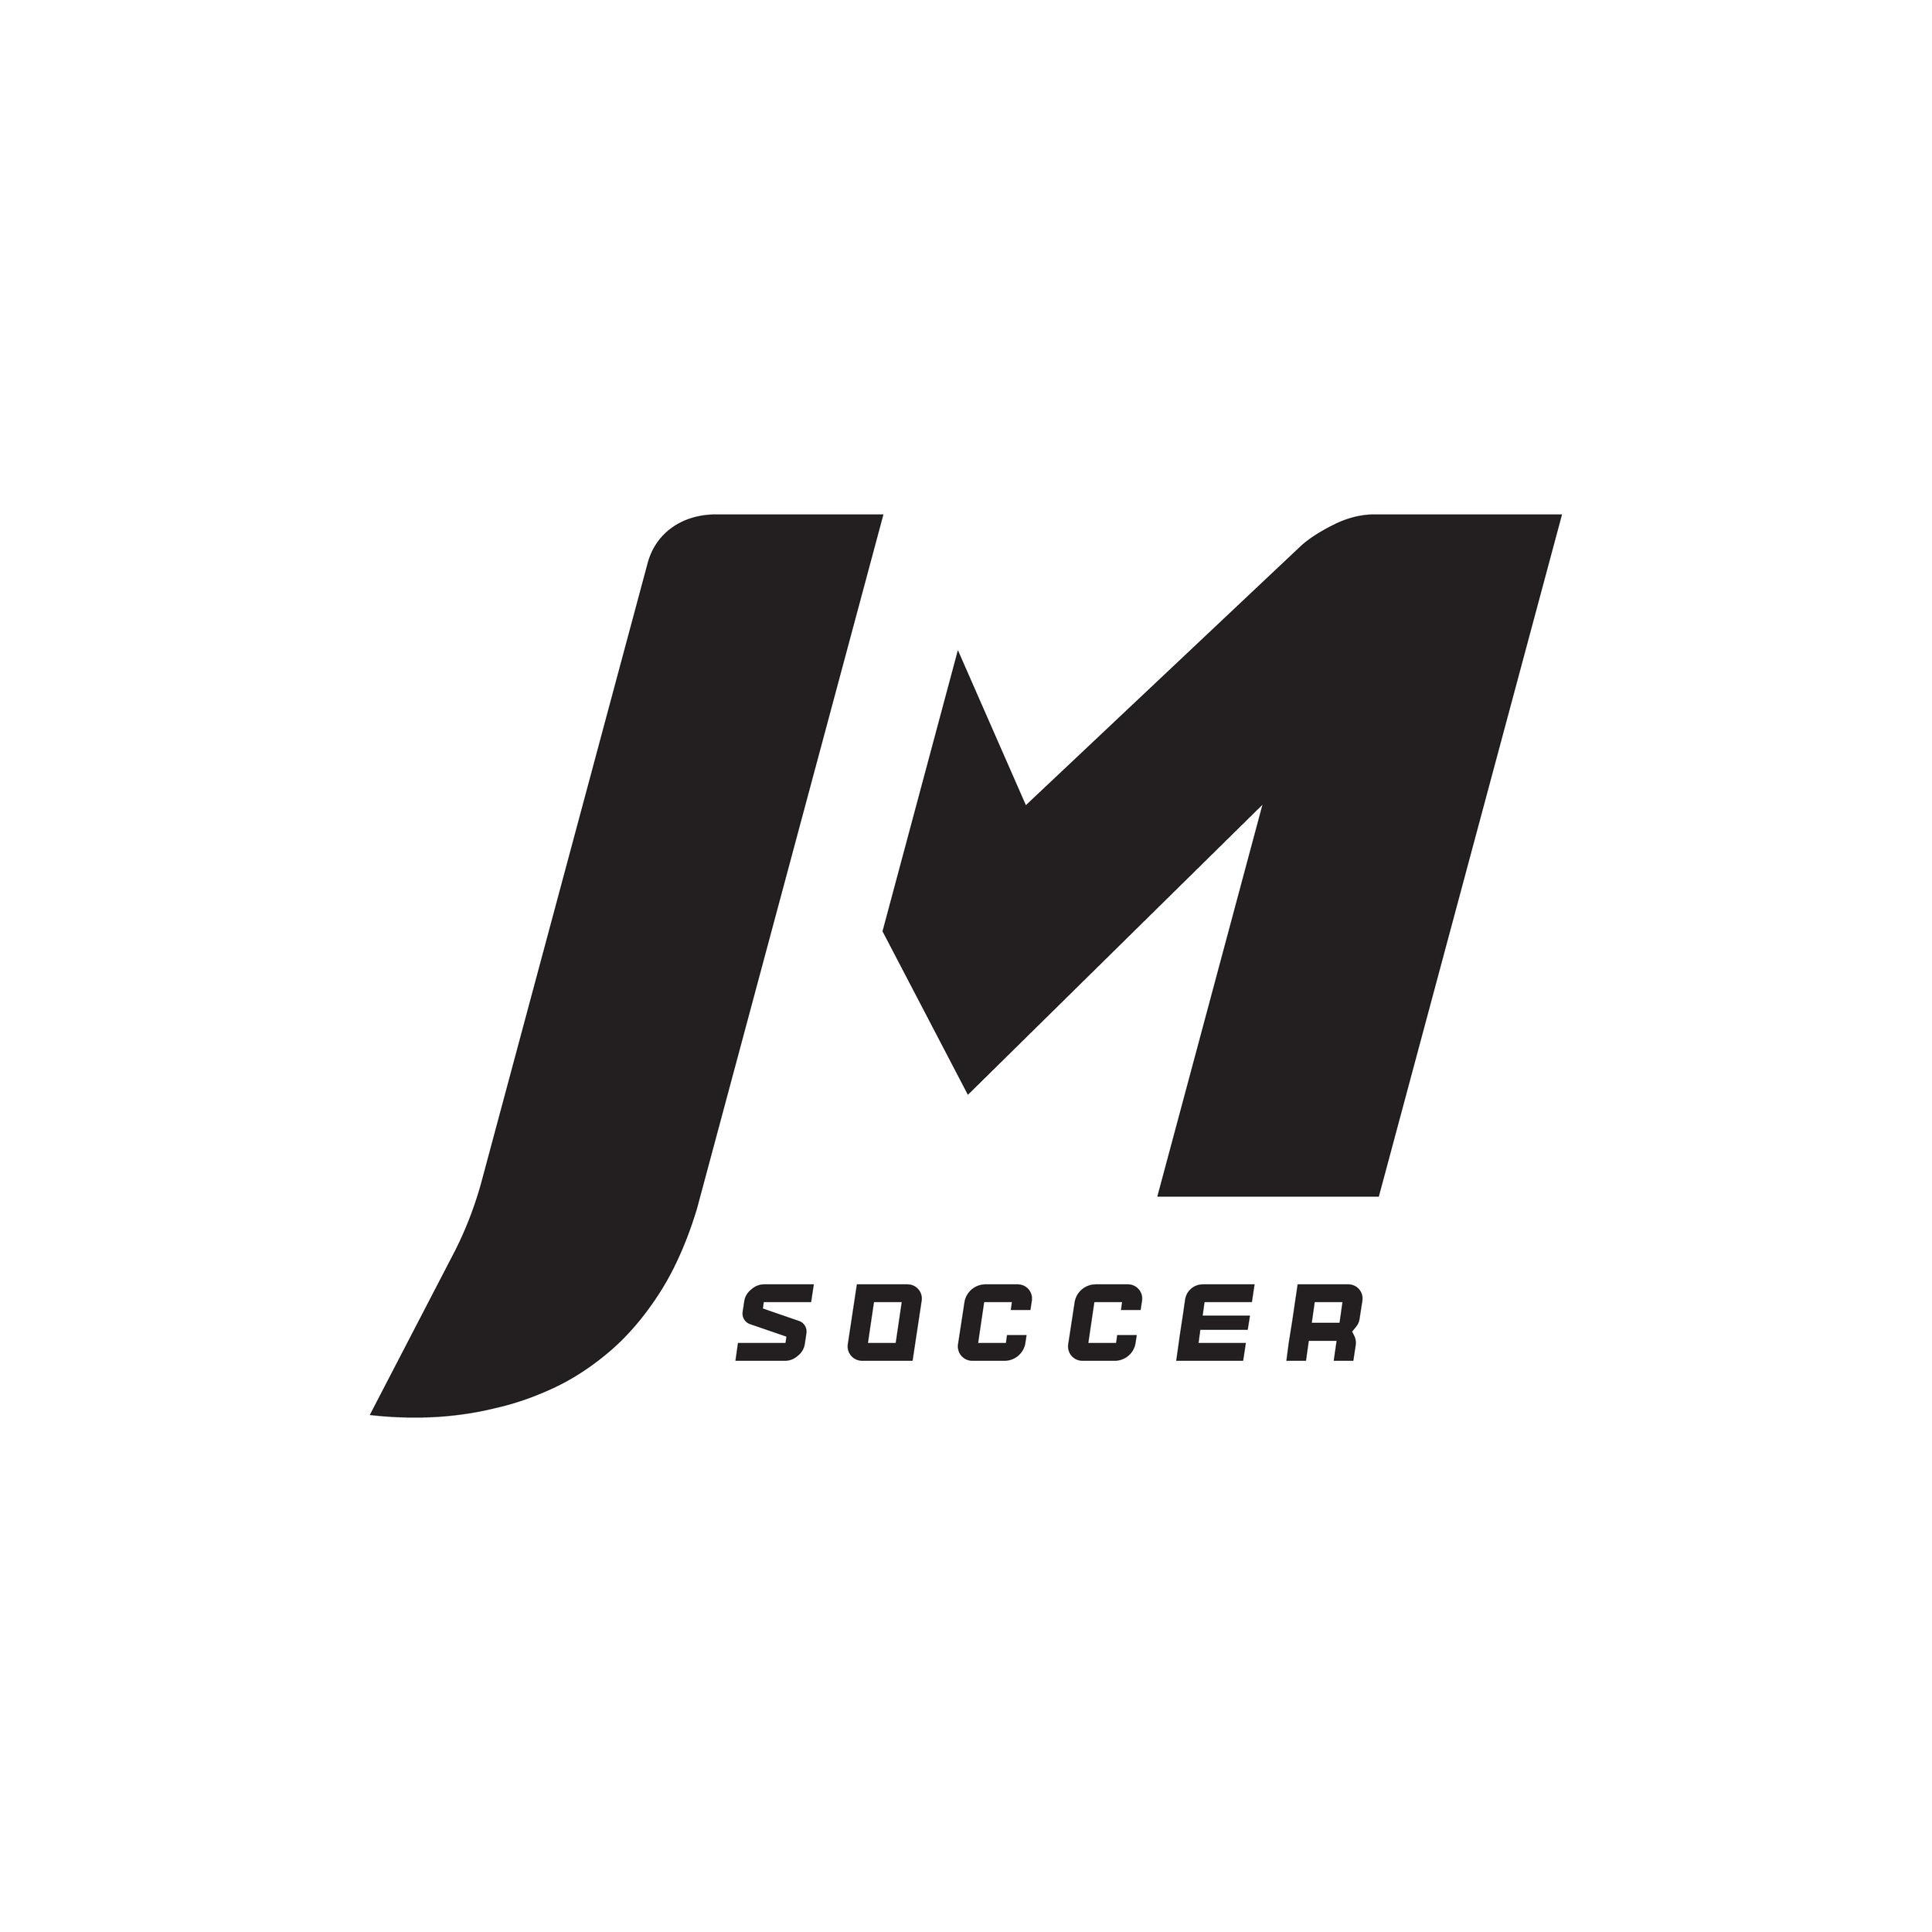 soccer-05.jpg